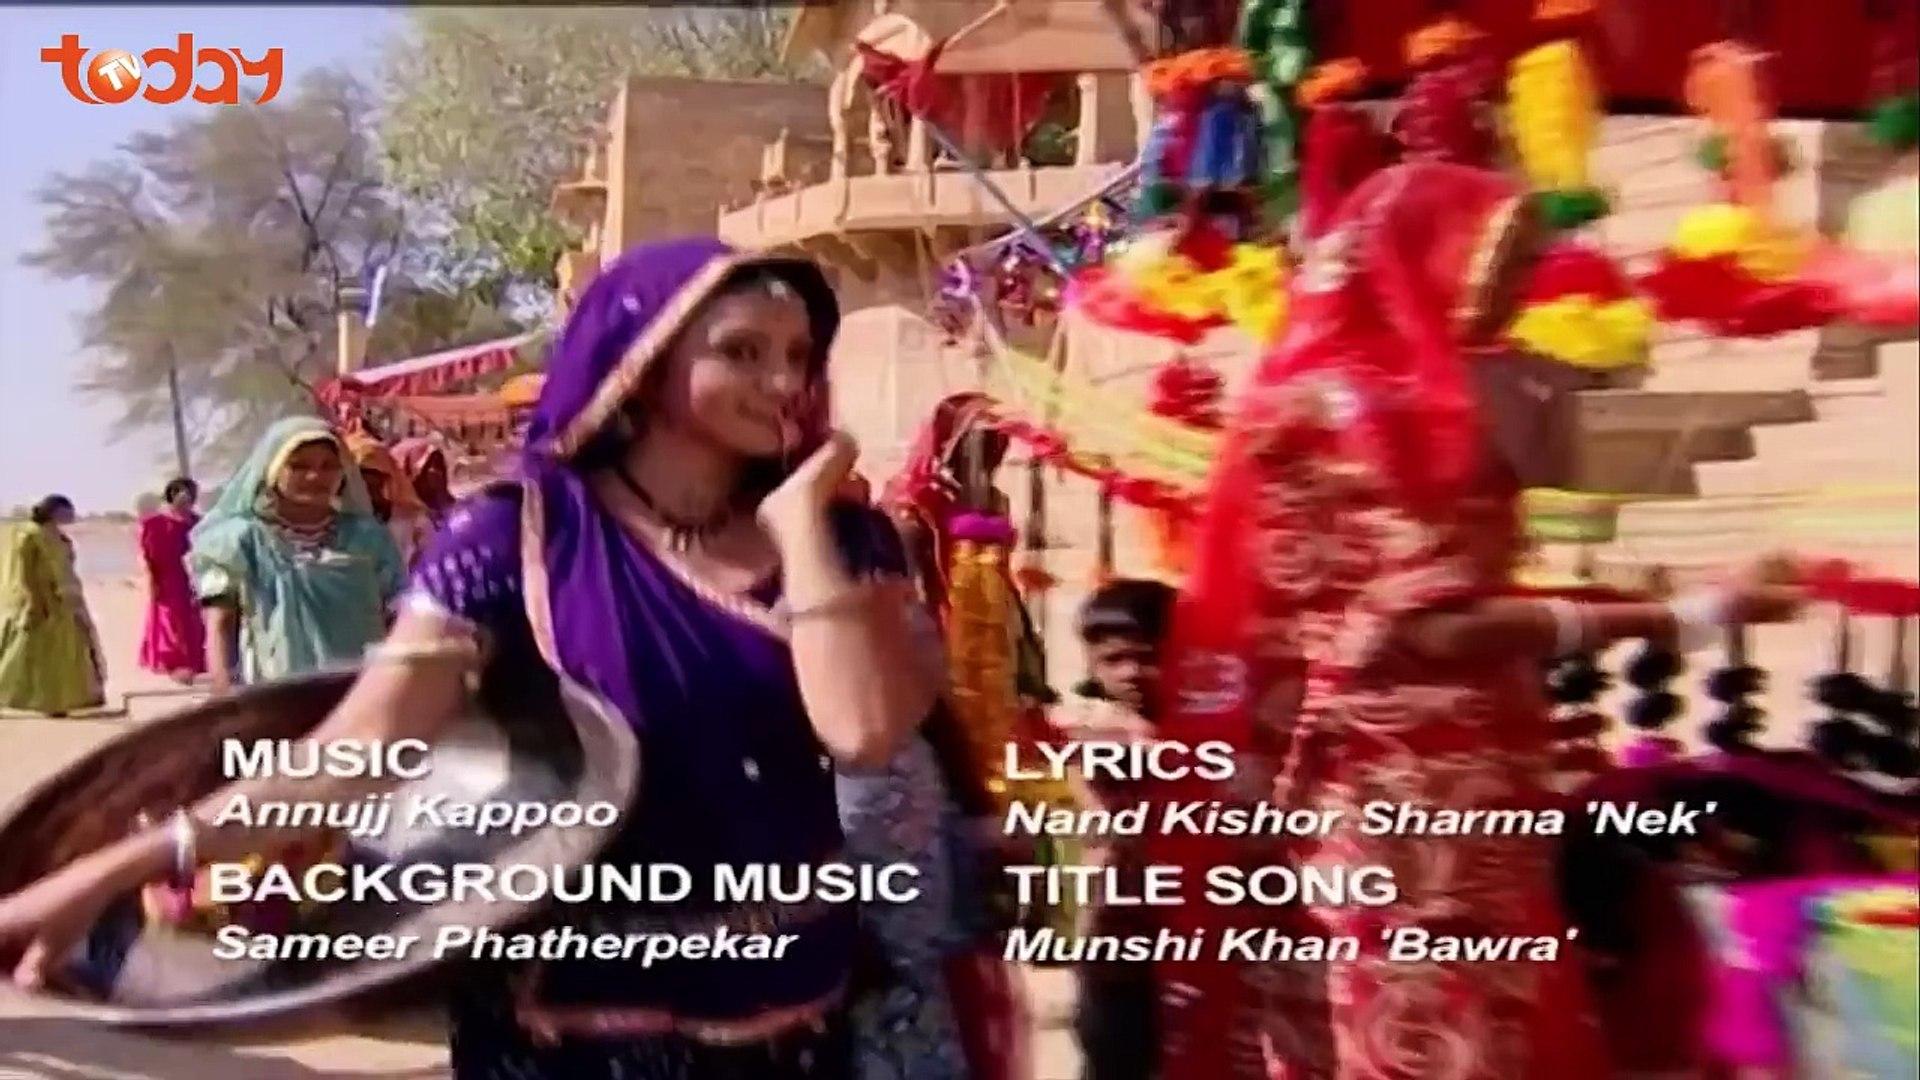 Nỗi Lòng Nàng Dâu (Tập 9 - Phần 2) - Phim Bộ Tình Cảm Ấn Độ Hay 2018 - TodayTV